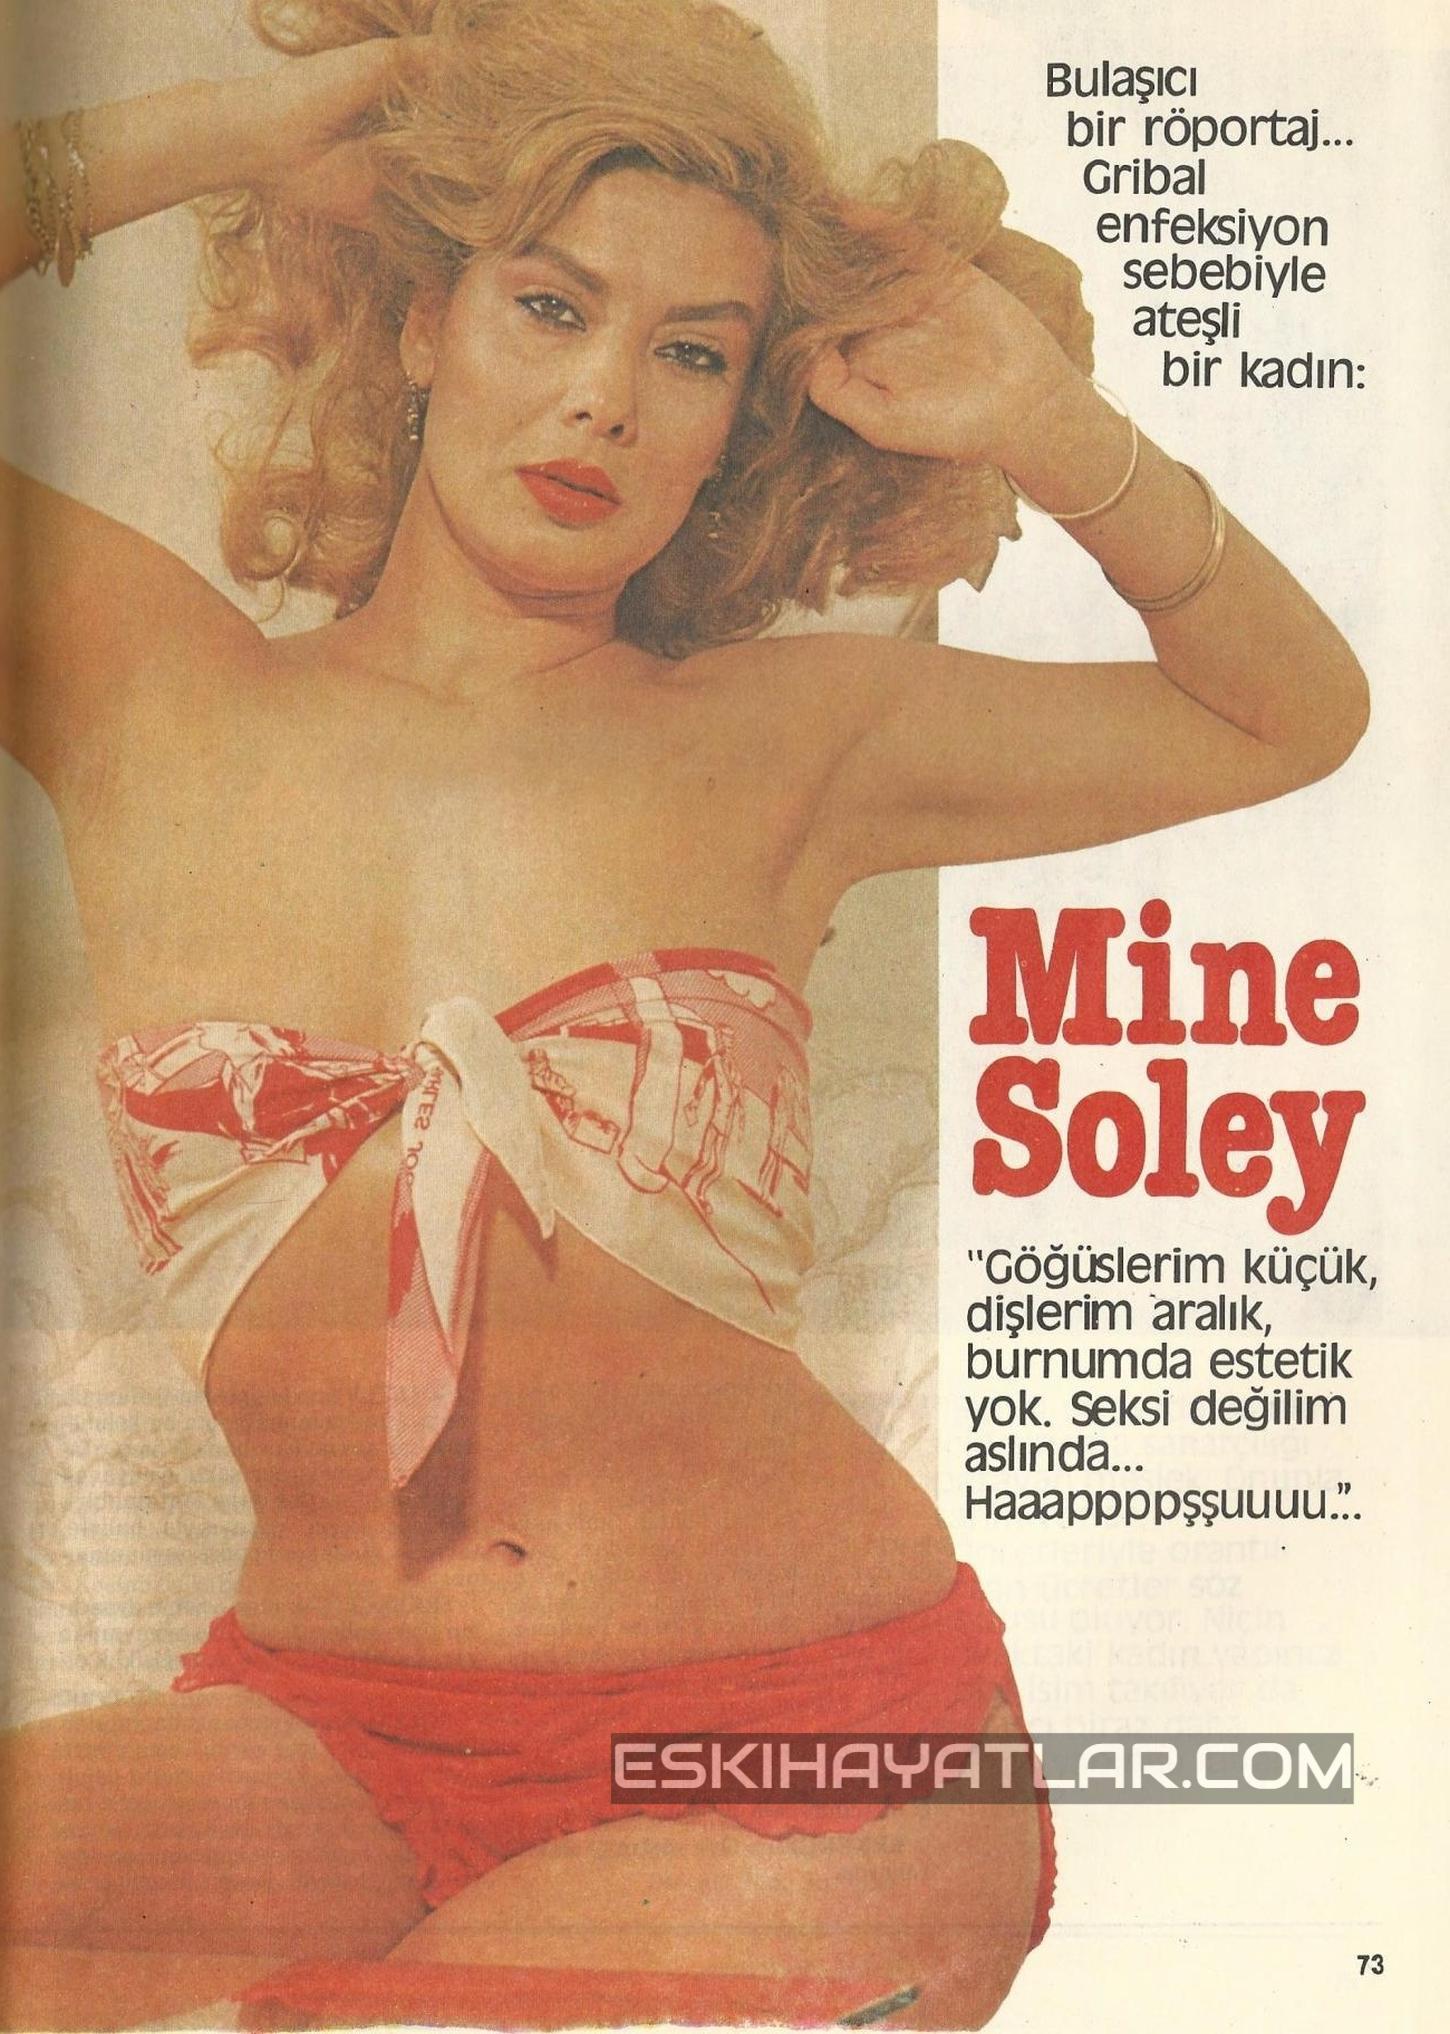 mine-soley-erotik-fotograflar-erkekce-1984-dergi-arsivleri (3)